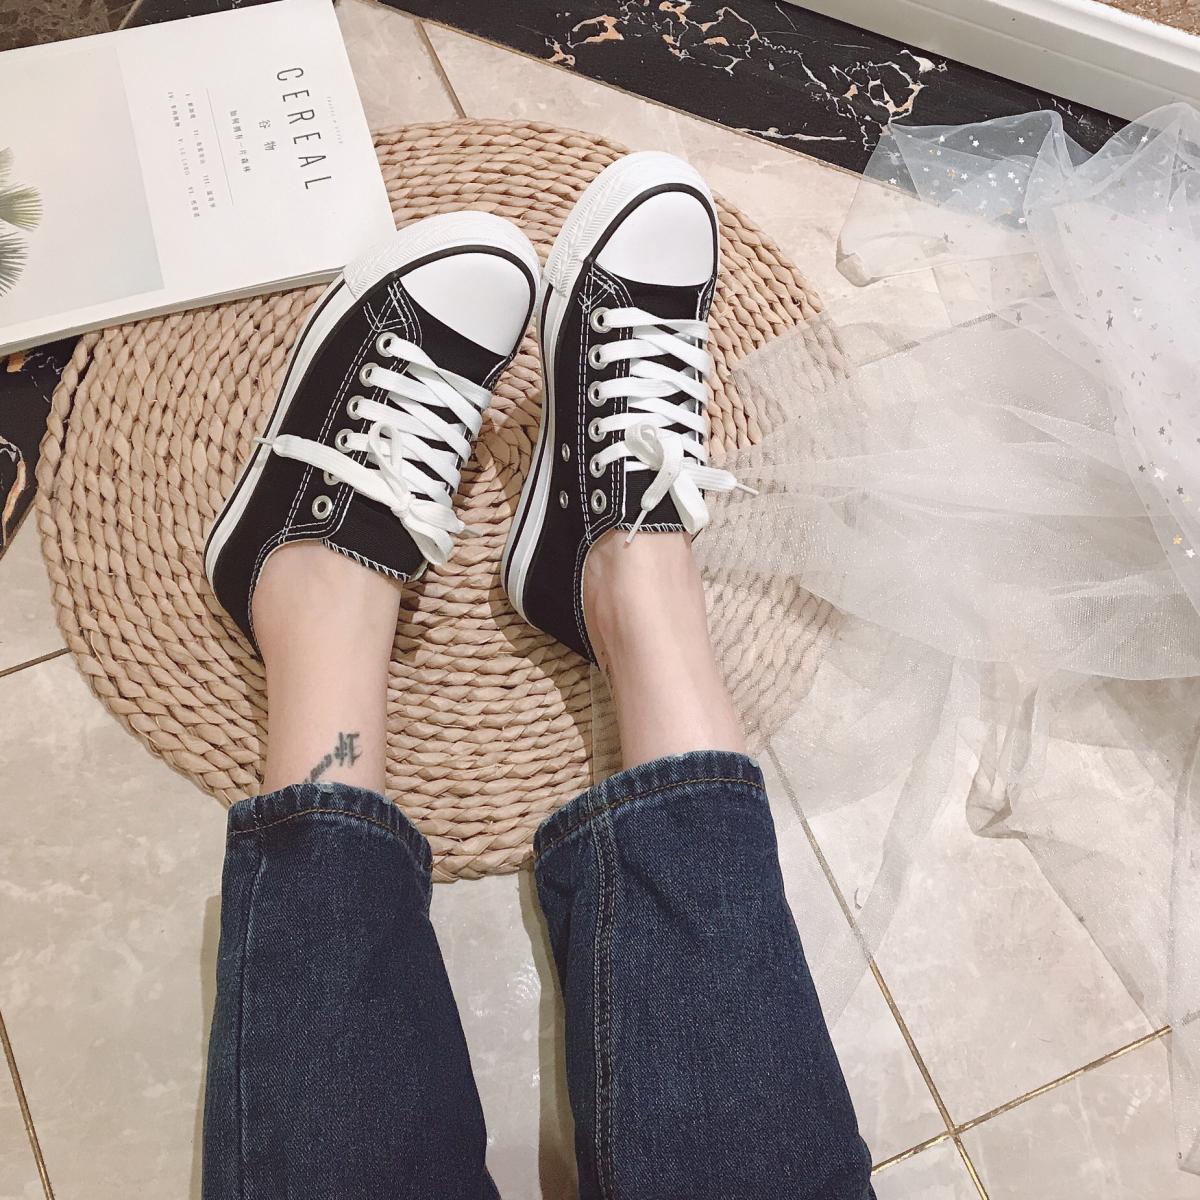 张小笨断码温州鞋不退换圆头系带帆布鞋休闲百搭舒适简约女鞋子